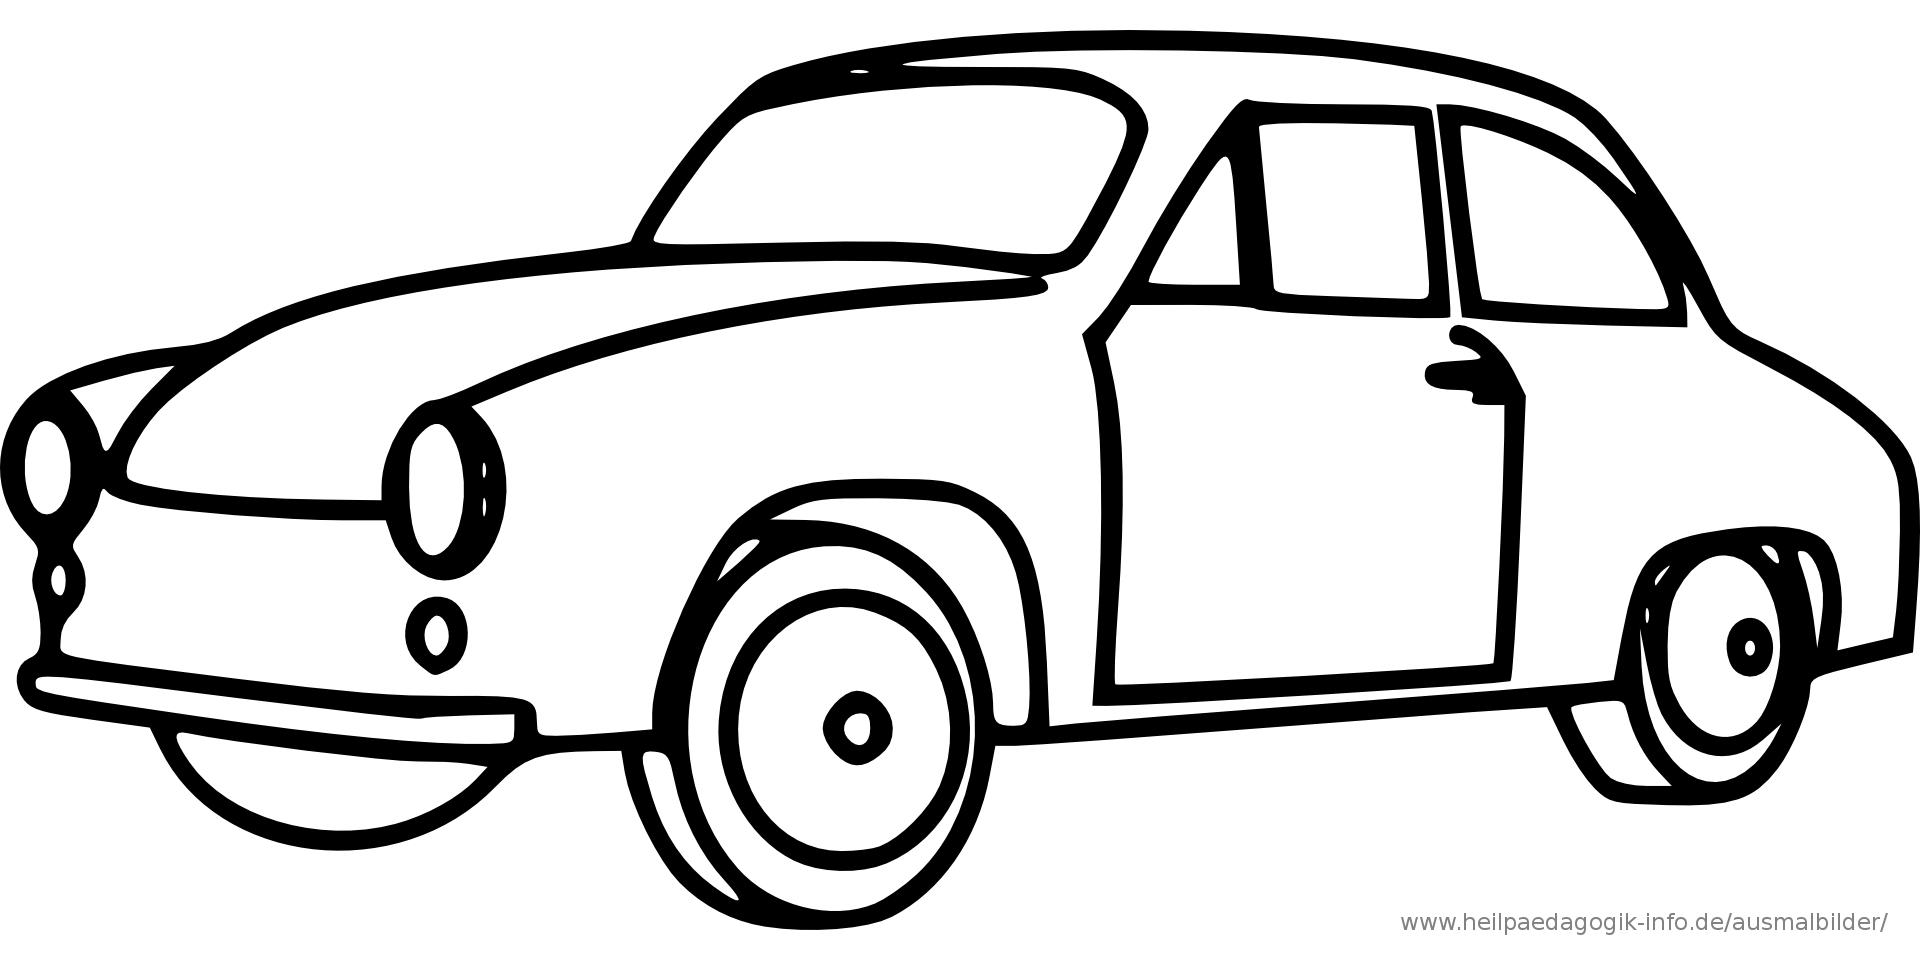 Malvorlage Auto Einfach – Ausmalbilder Für Kinder (Mit bei Auto Zum Ausmalen